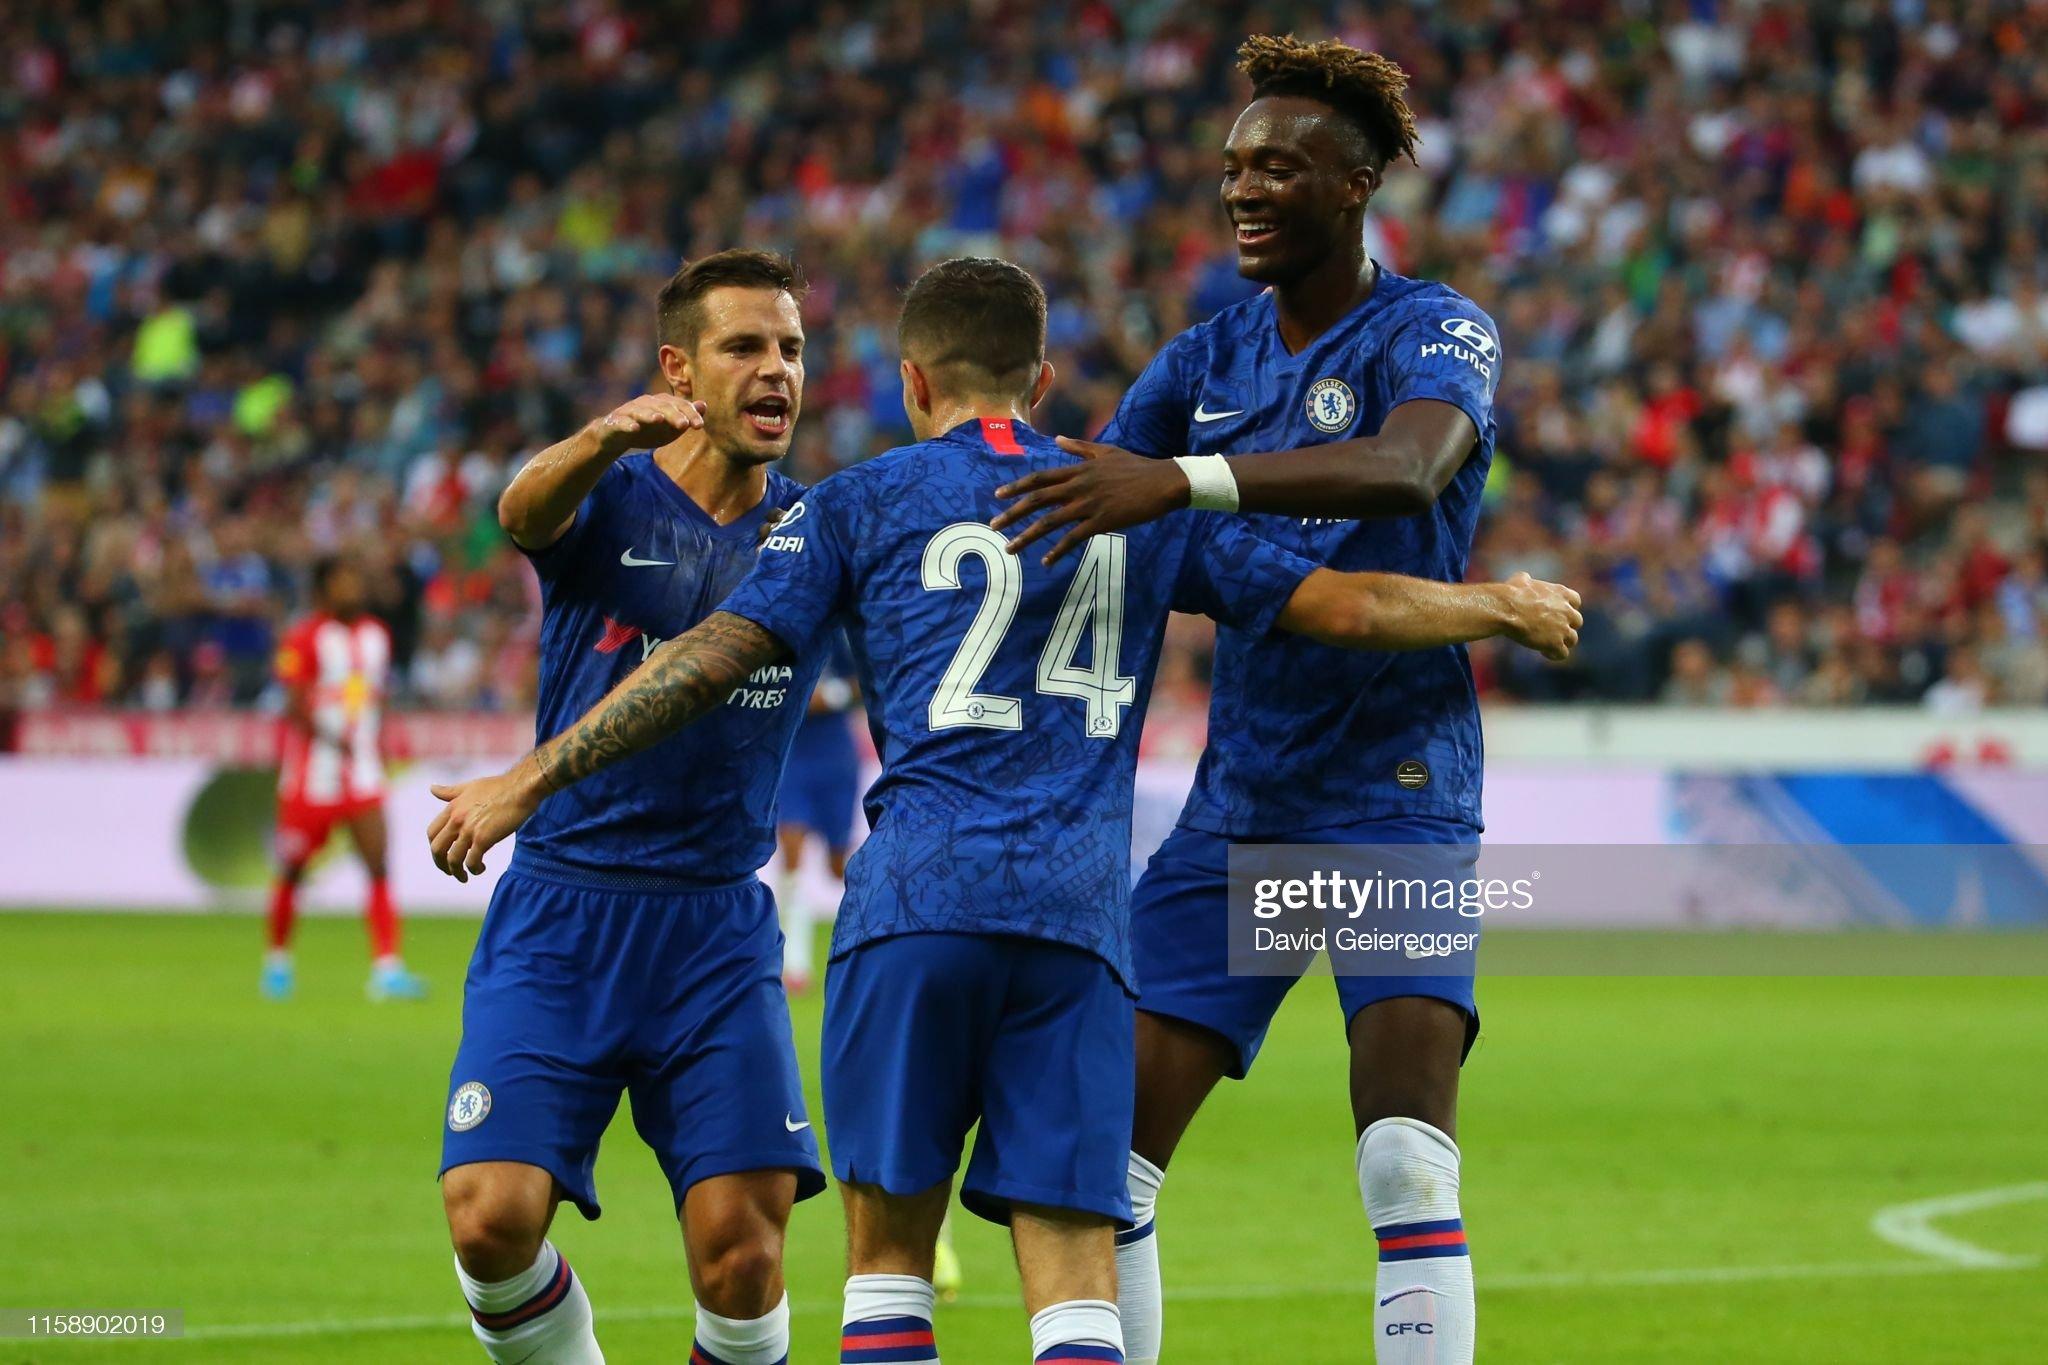 RB Salzburg v FC Chelsea - Pre-Season Friendly : News Photo